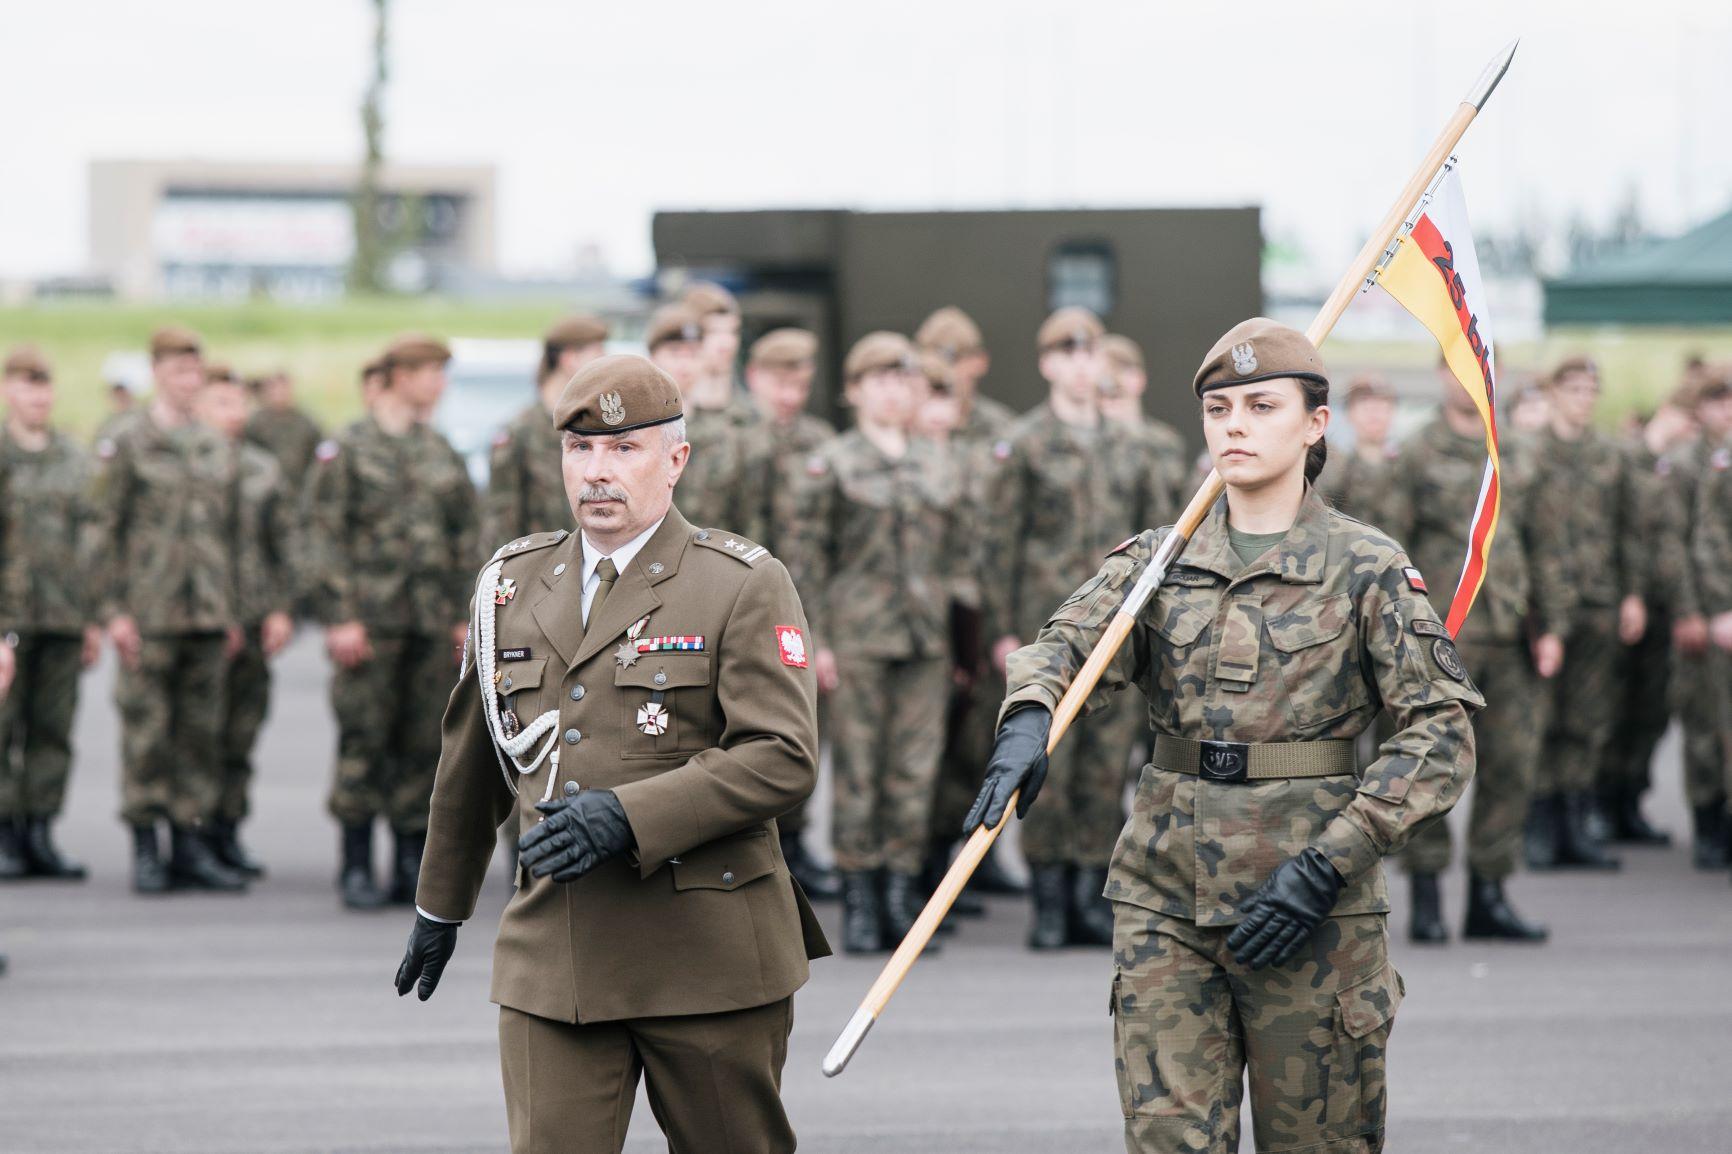 25zblp nadanie tradycji i patrona 2m Zamojscy Terytorialsi otrzymali patrona i tradycje